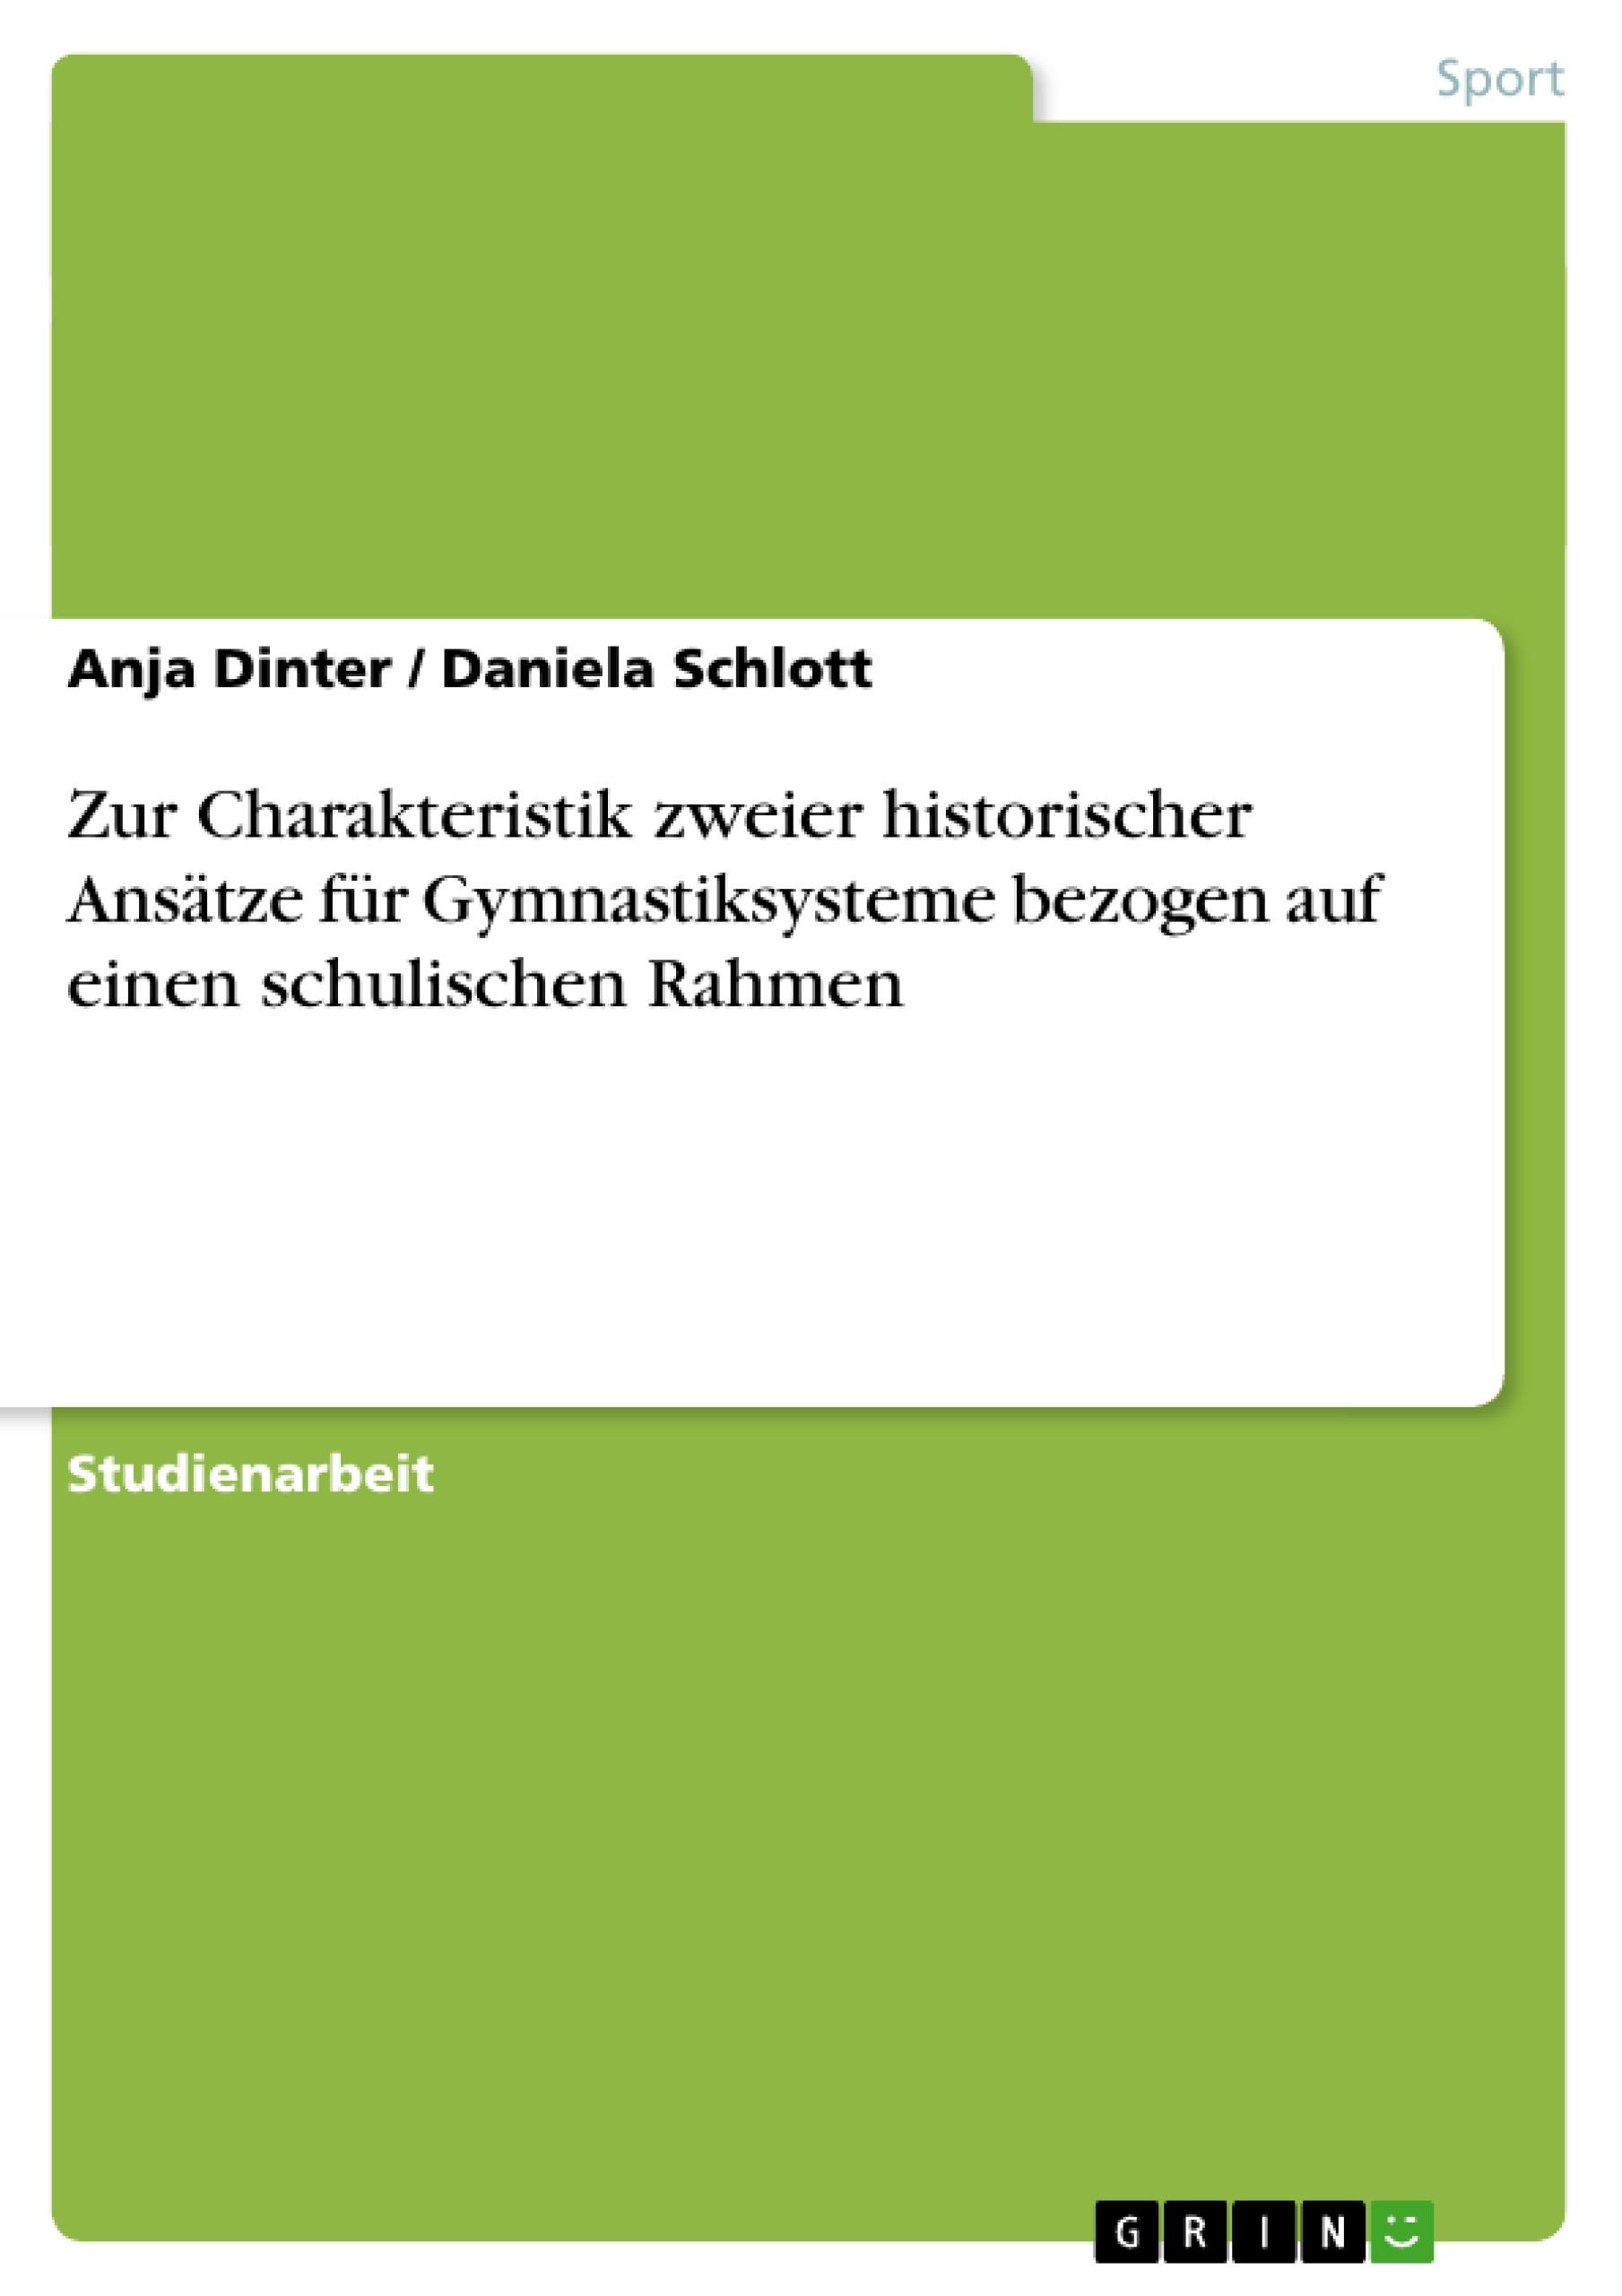 Titel: Zur Charakteristik zweier historischer Ansätze für Gymnastiksysteme bezogen auf einen schulischen Rahmen